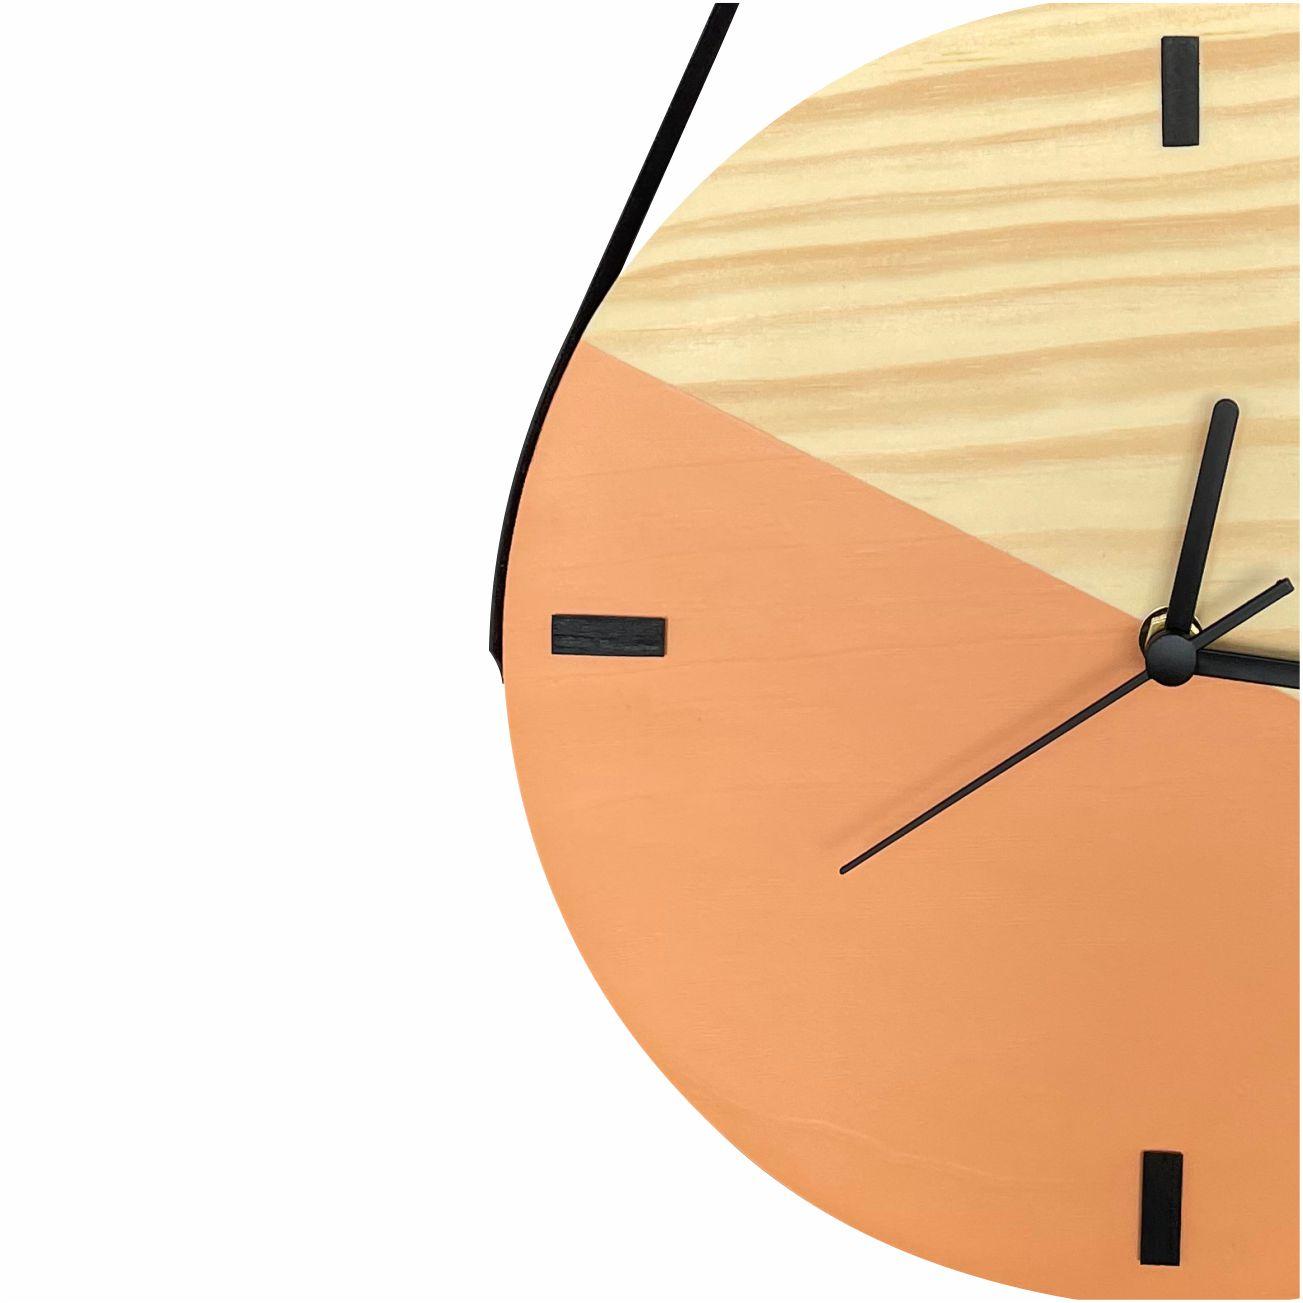 Relógio de Parede Escandinavo em Madeira Vanila com Alça + Cabide Pendurador